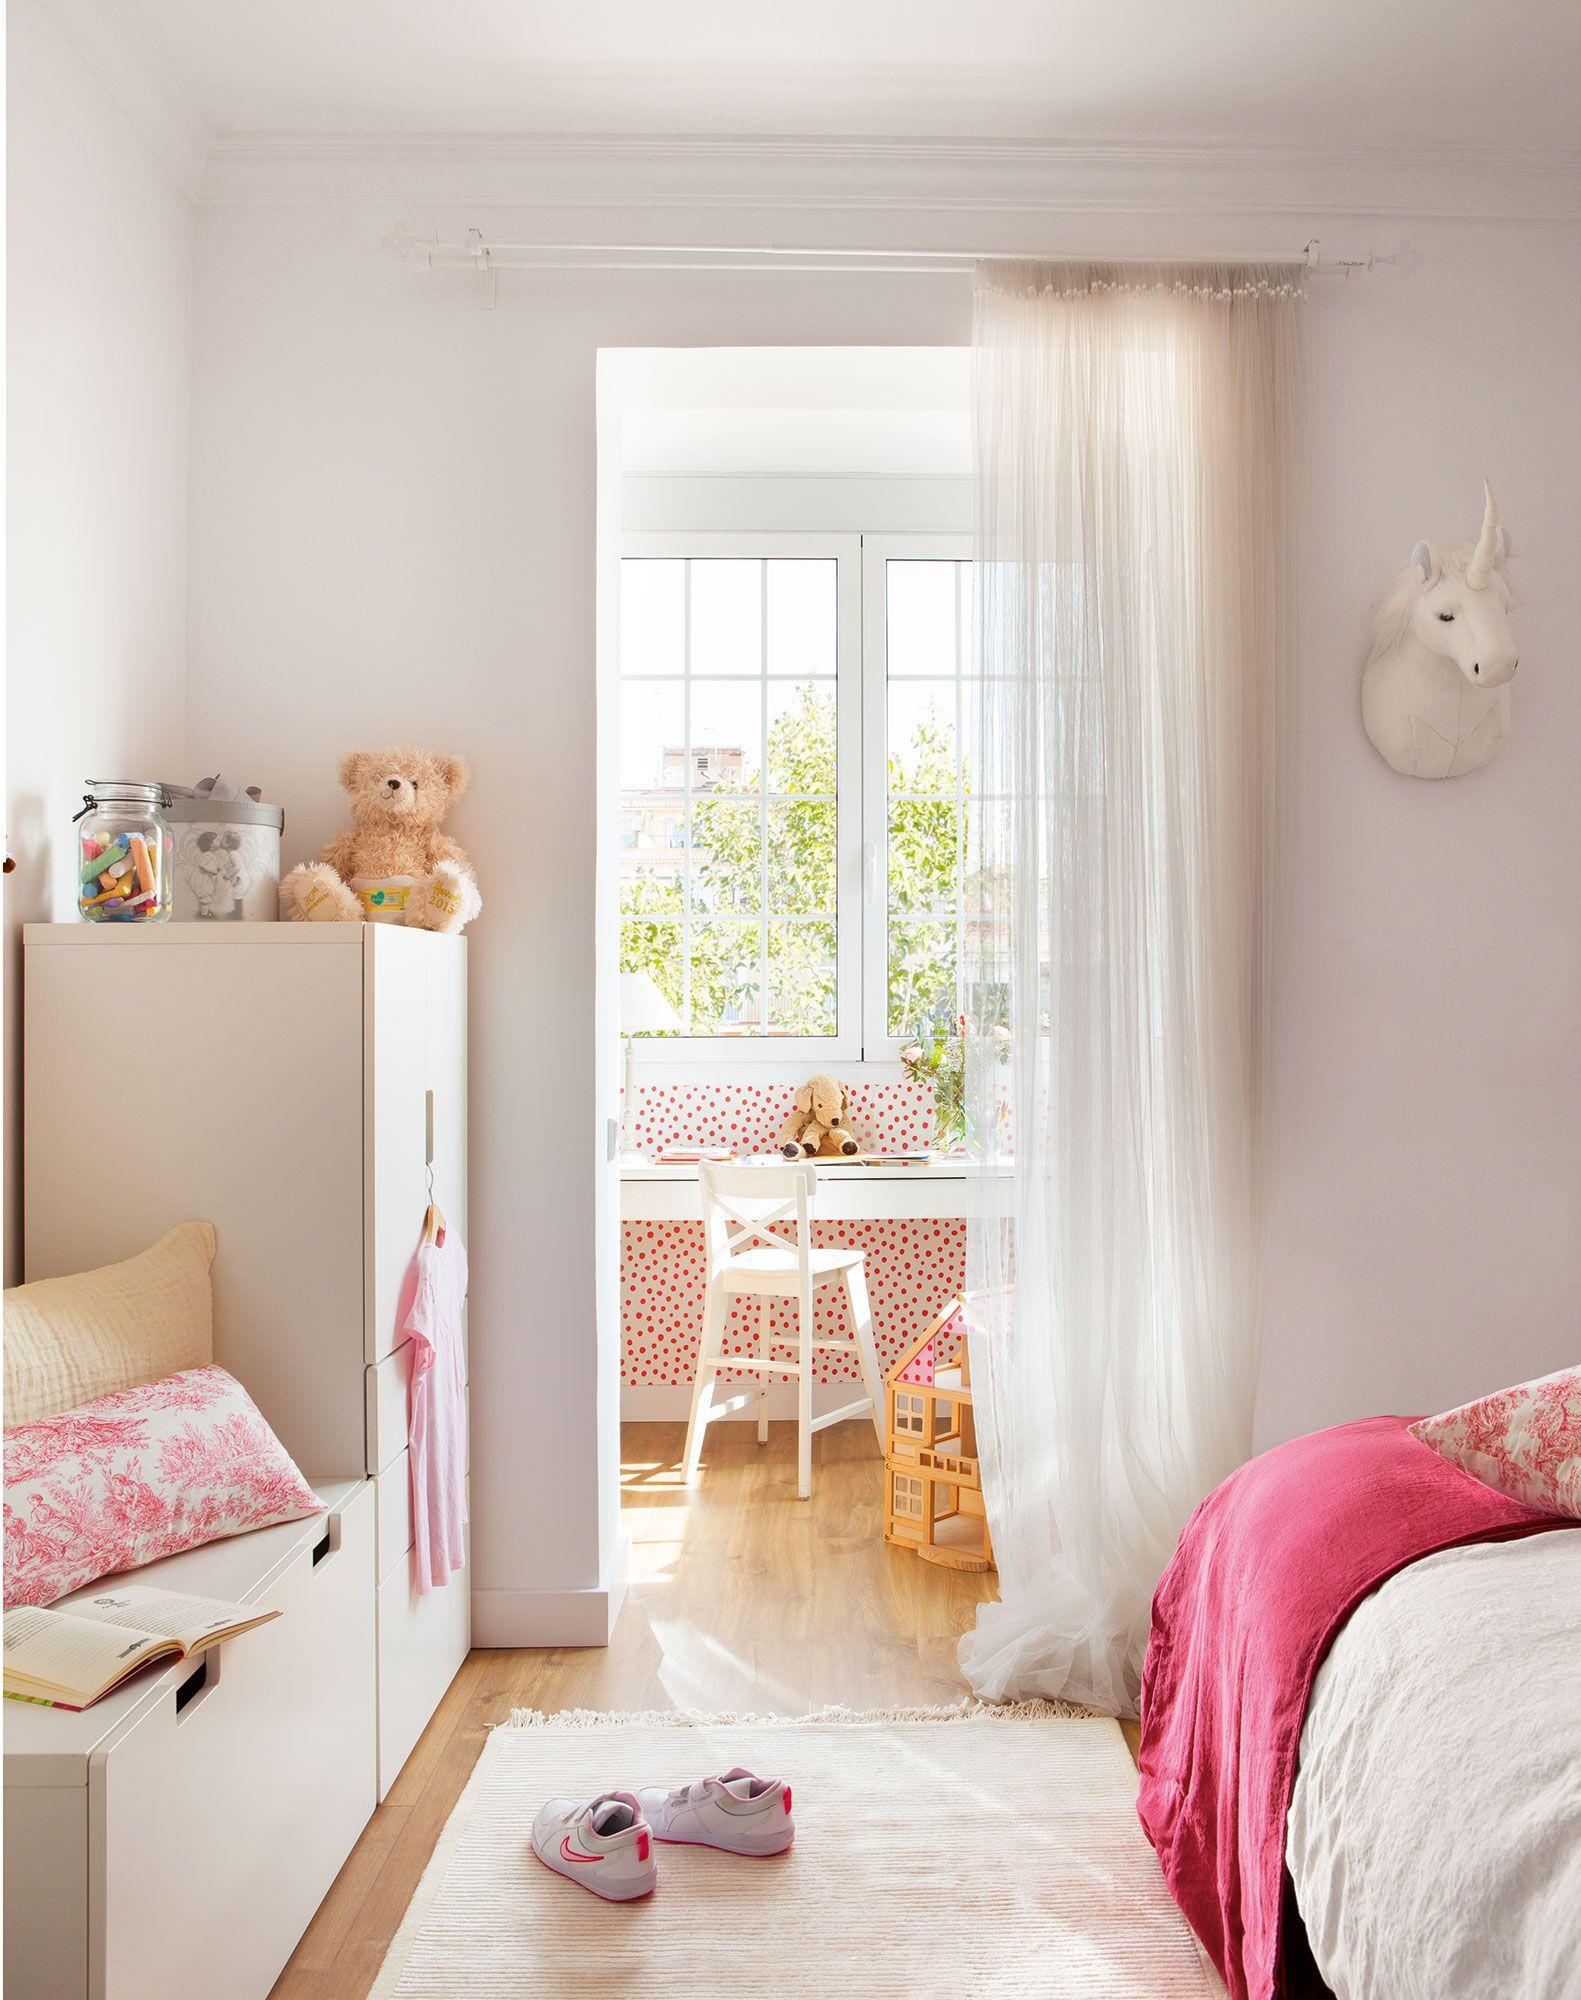 Dormitorio infantil armario bajo lacado en blanco for Sillas para dormitorio ikea